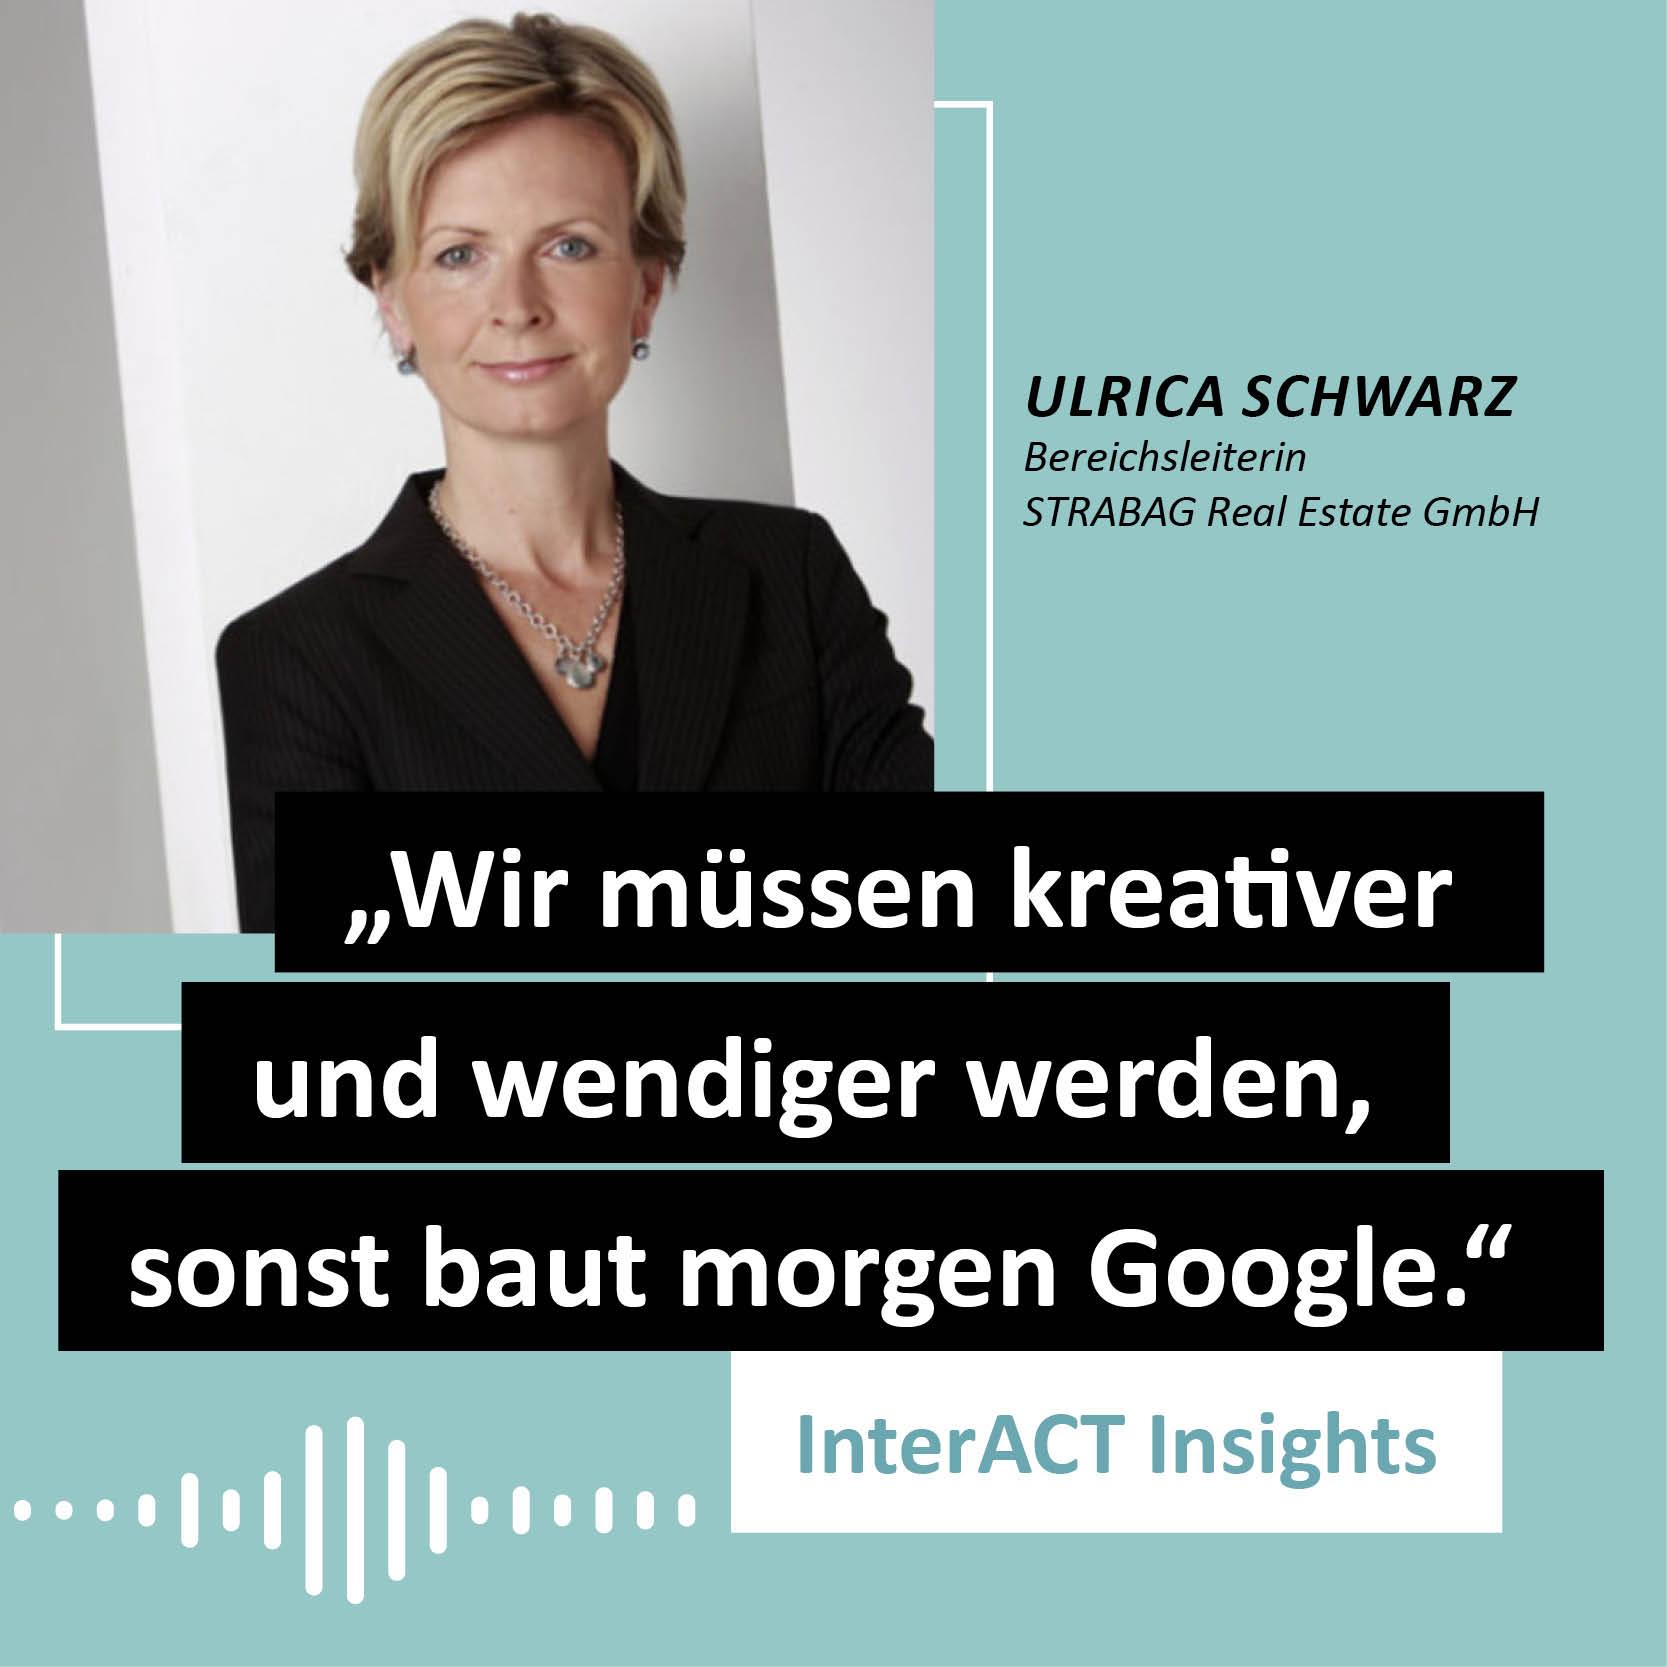 """Podcastfolge mit Ulrica Schwarz - """"Wir müssen kreativer und wendiger werden, sonst baut morgen Google."""" - InterACT Insights"""